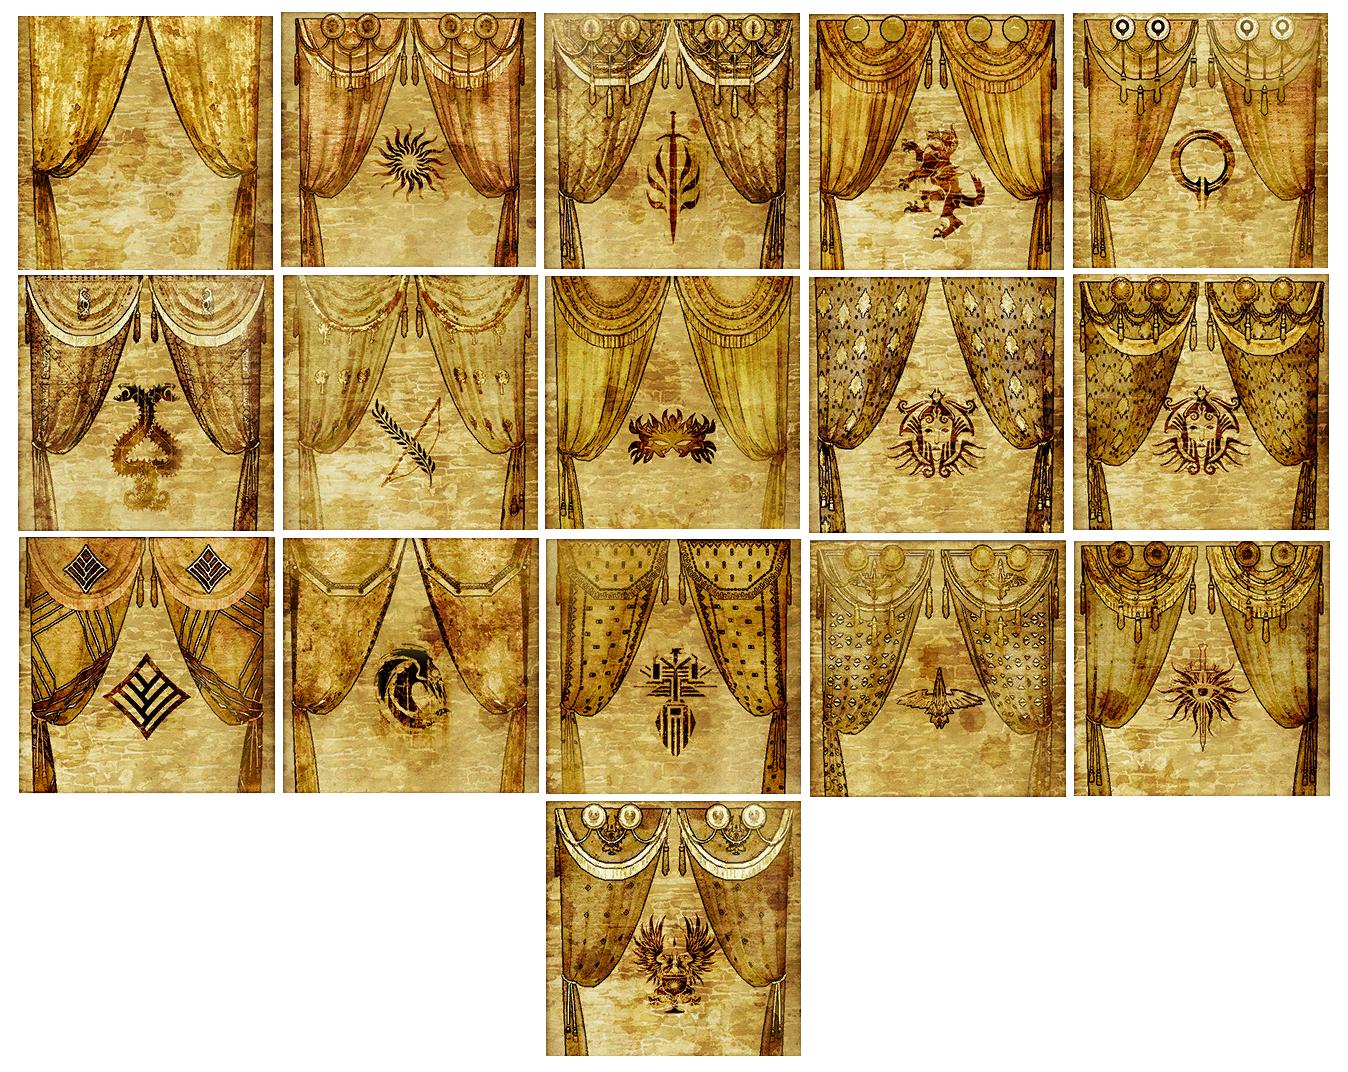 Drapes | Dragon Age Wiki | FANDOM powered by Wikia